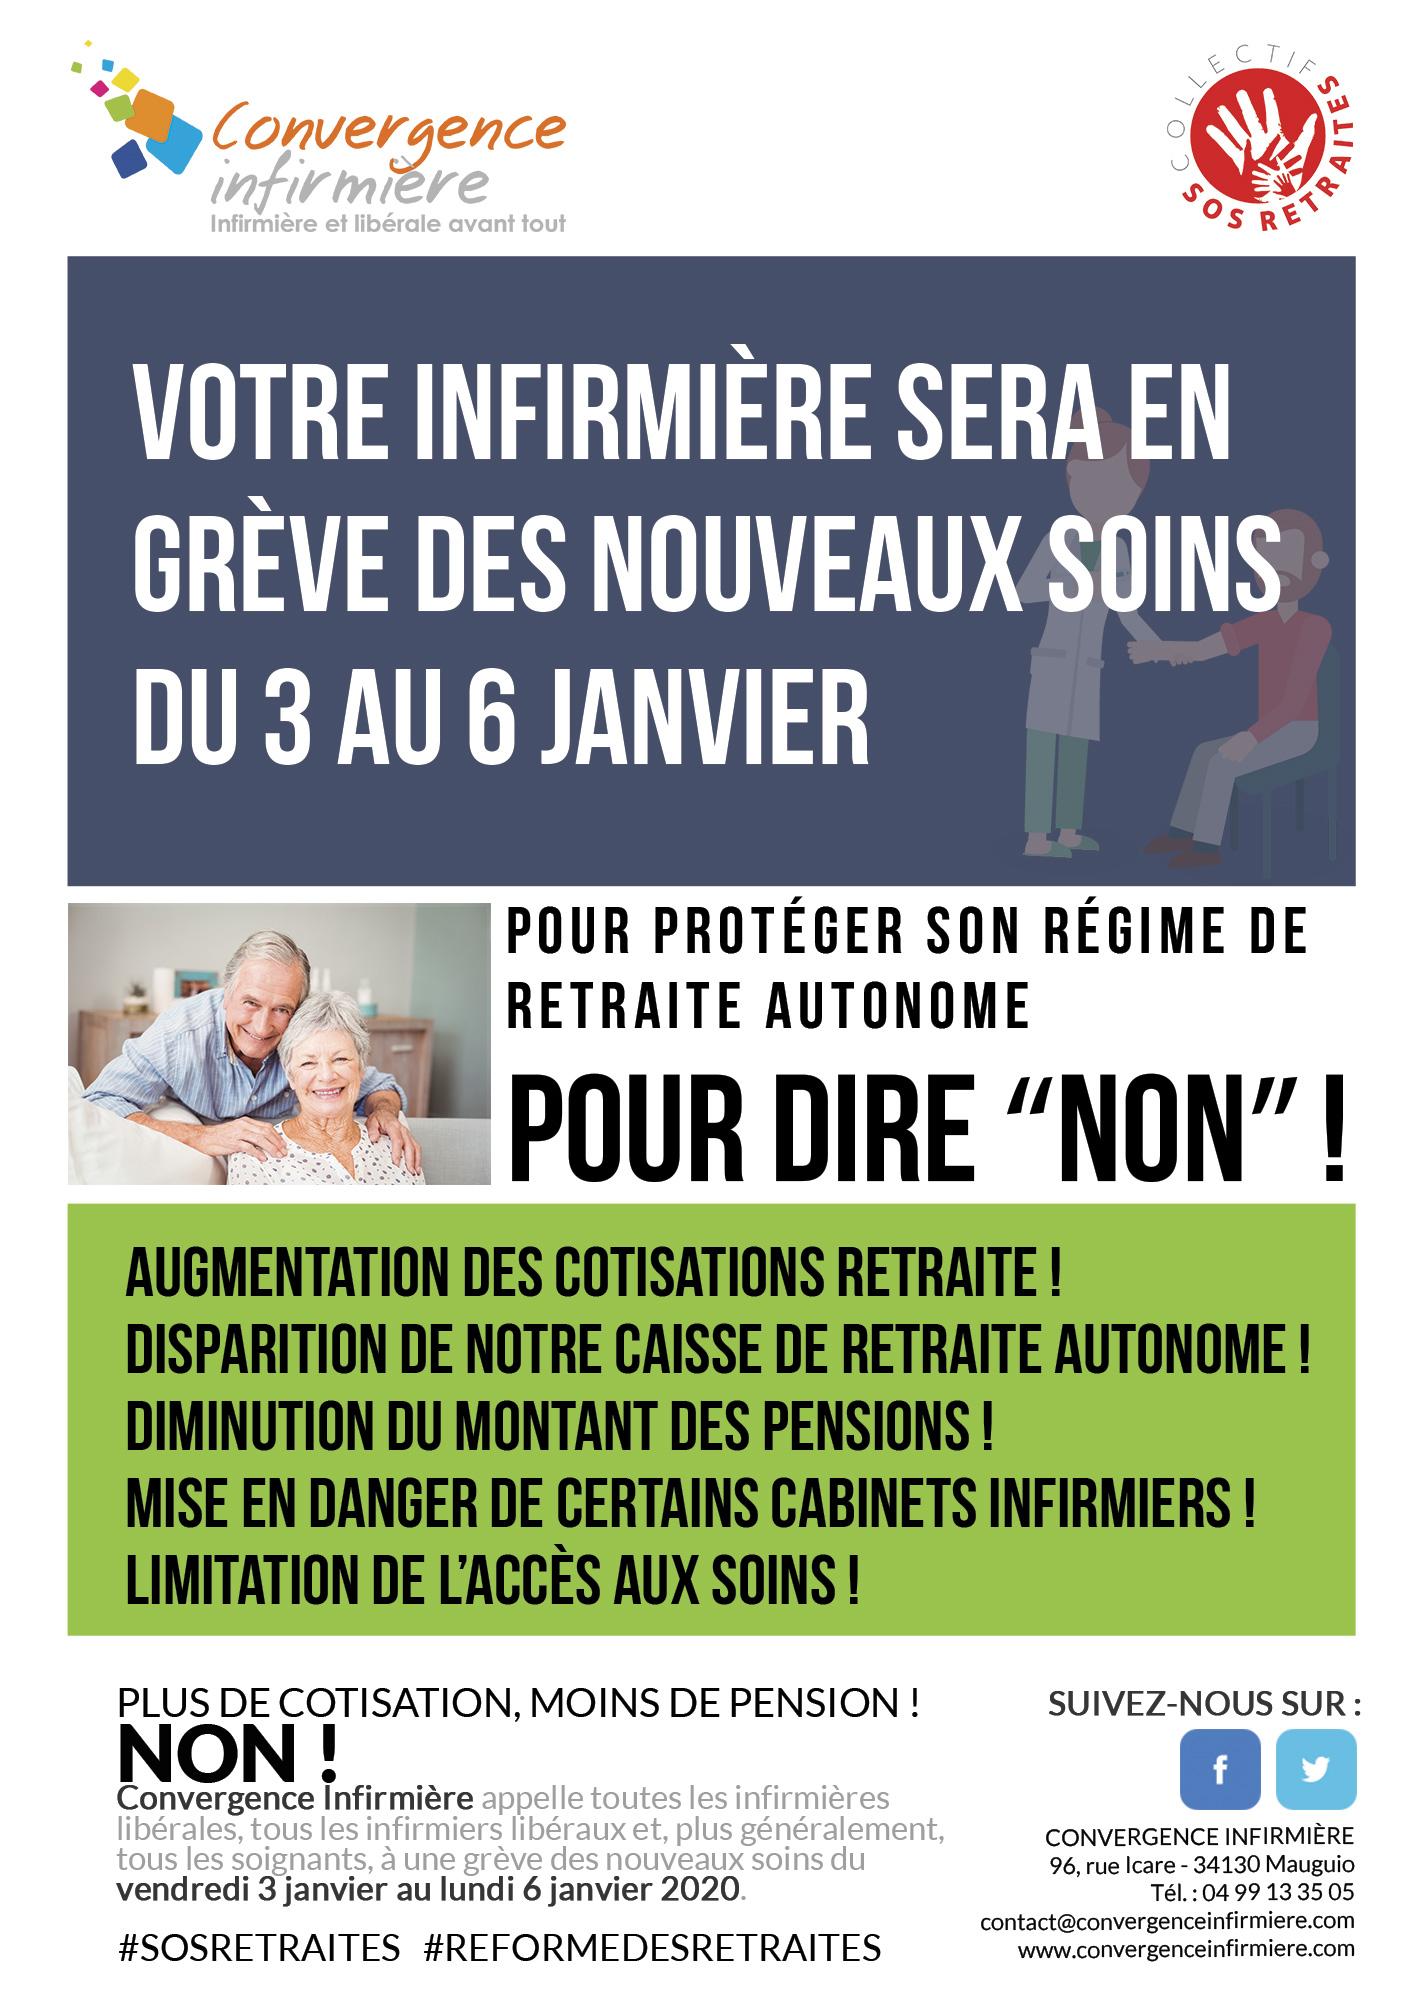 Convergence Infirmière appelle à une grève des nouveaux soins du 3 au 6 janvier